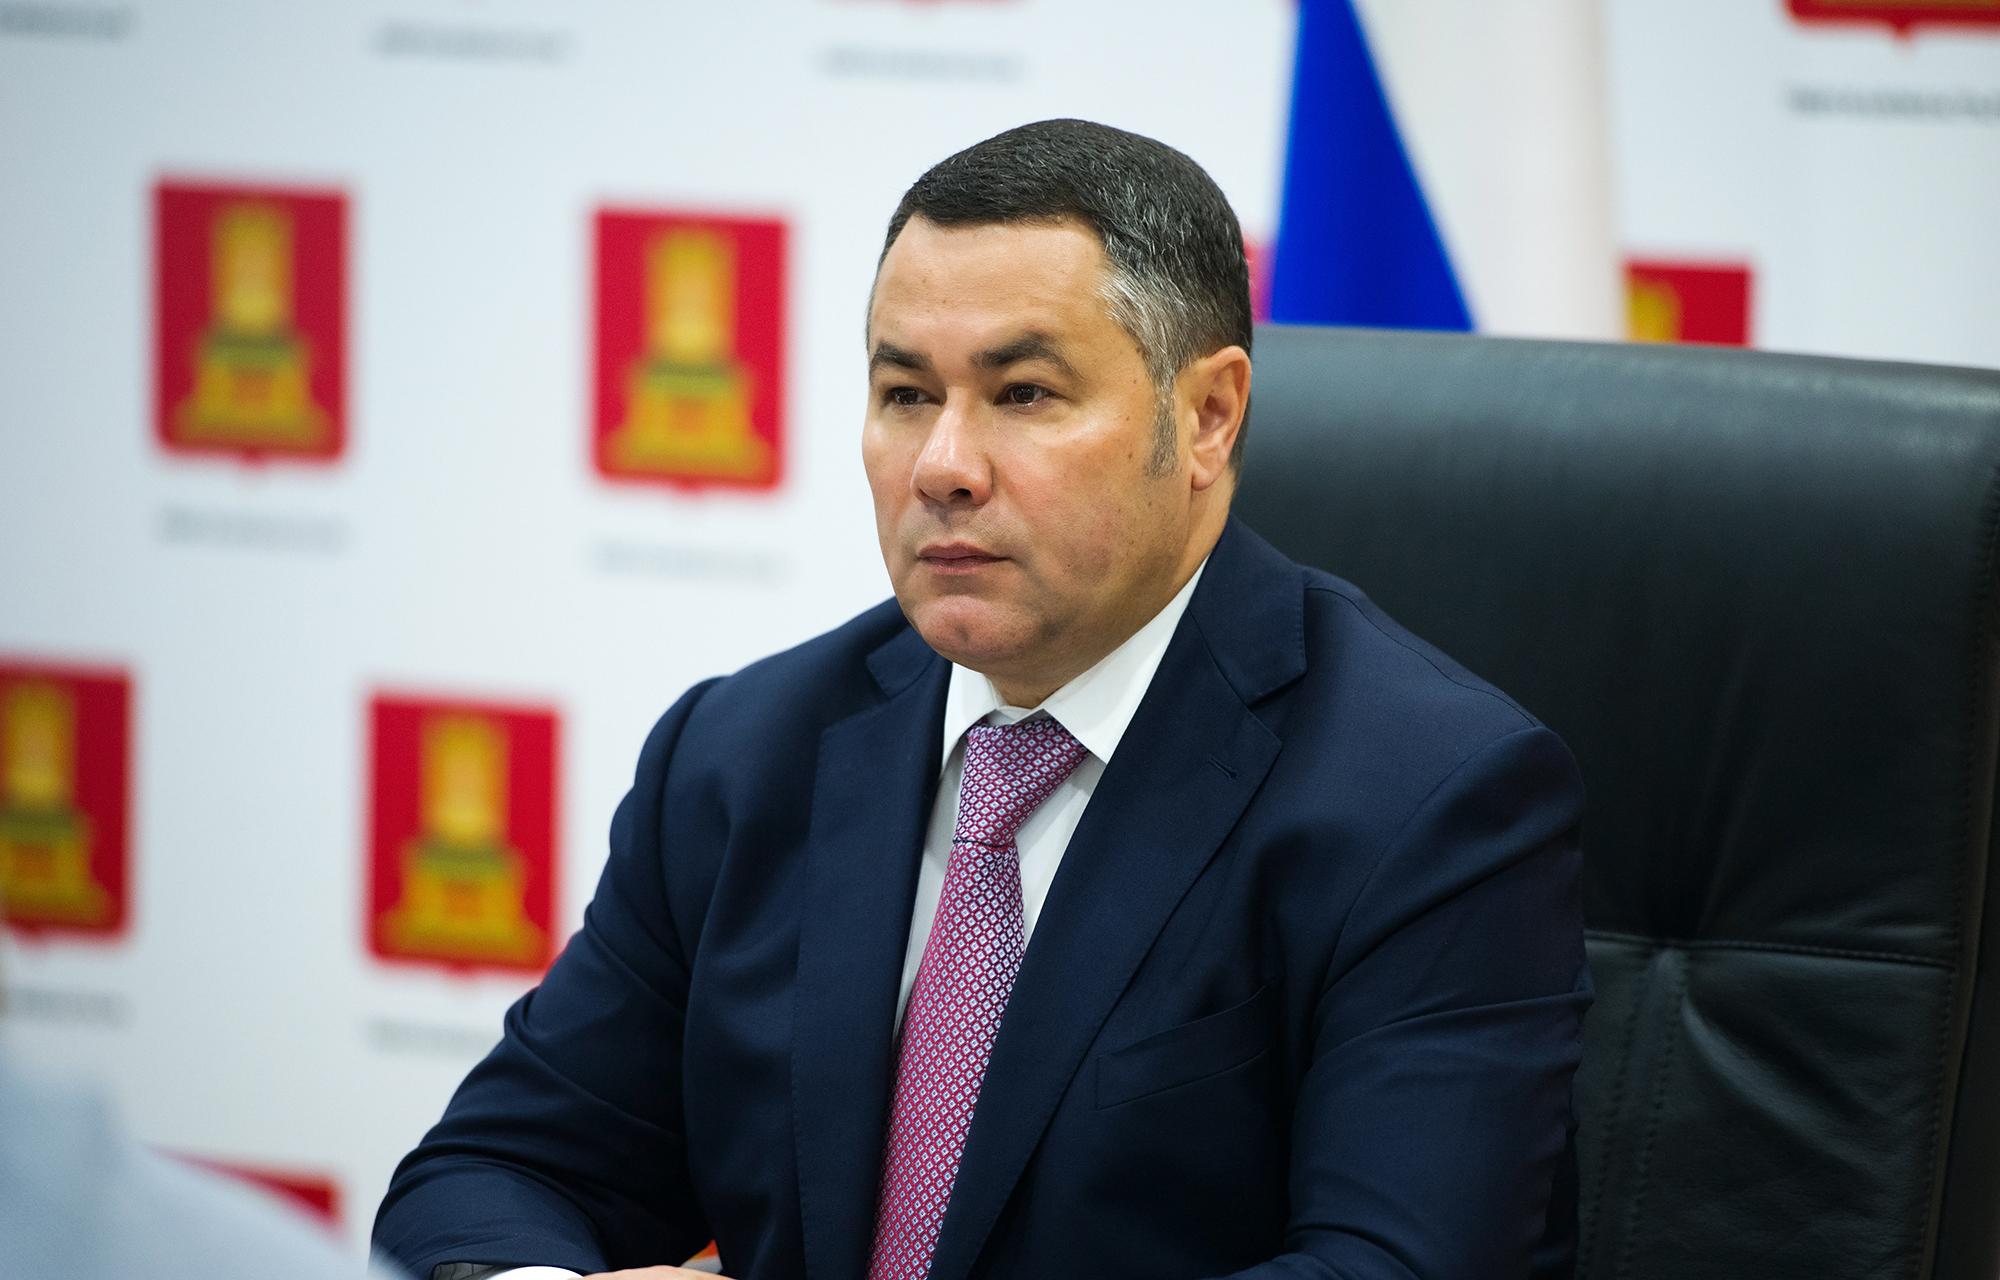 Игорь Руденя сохранил высокие позиции в рейтинге влияния глав регионов за июнь